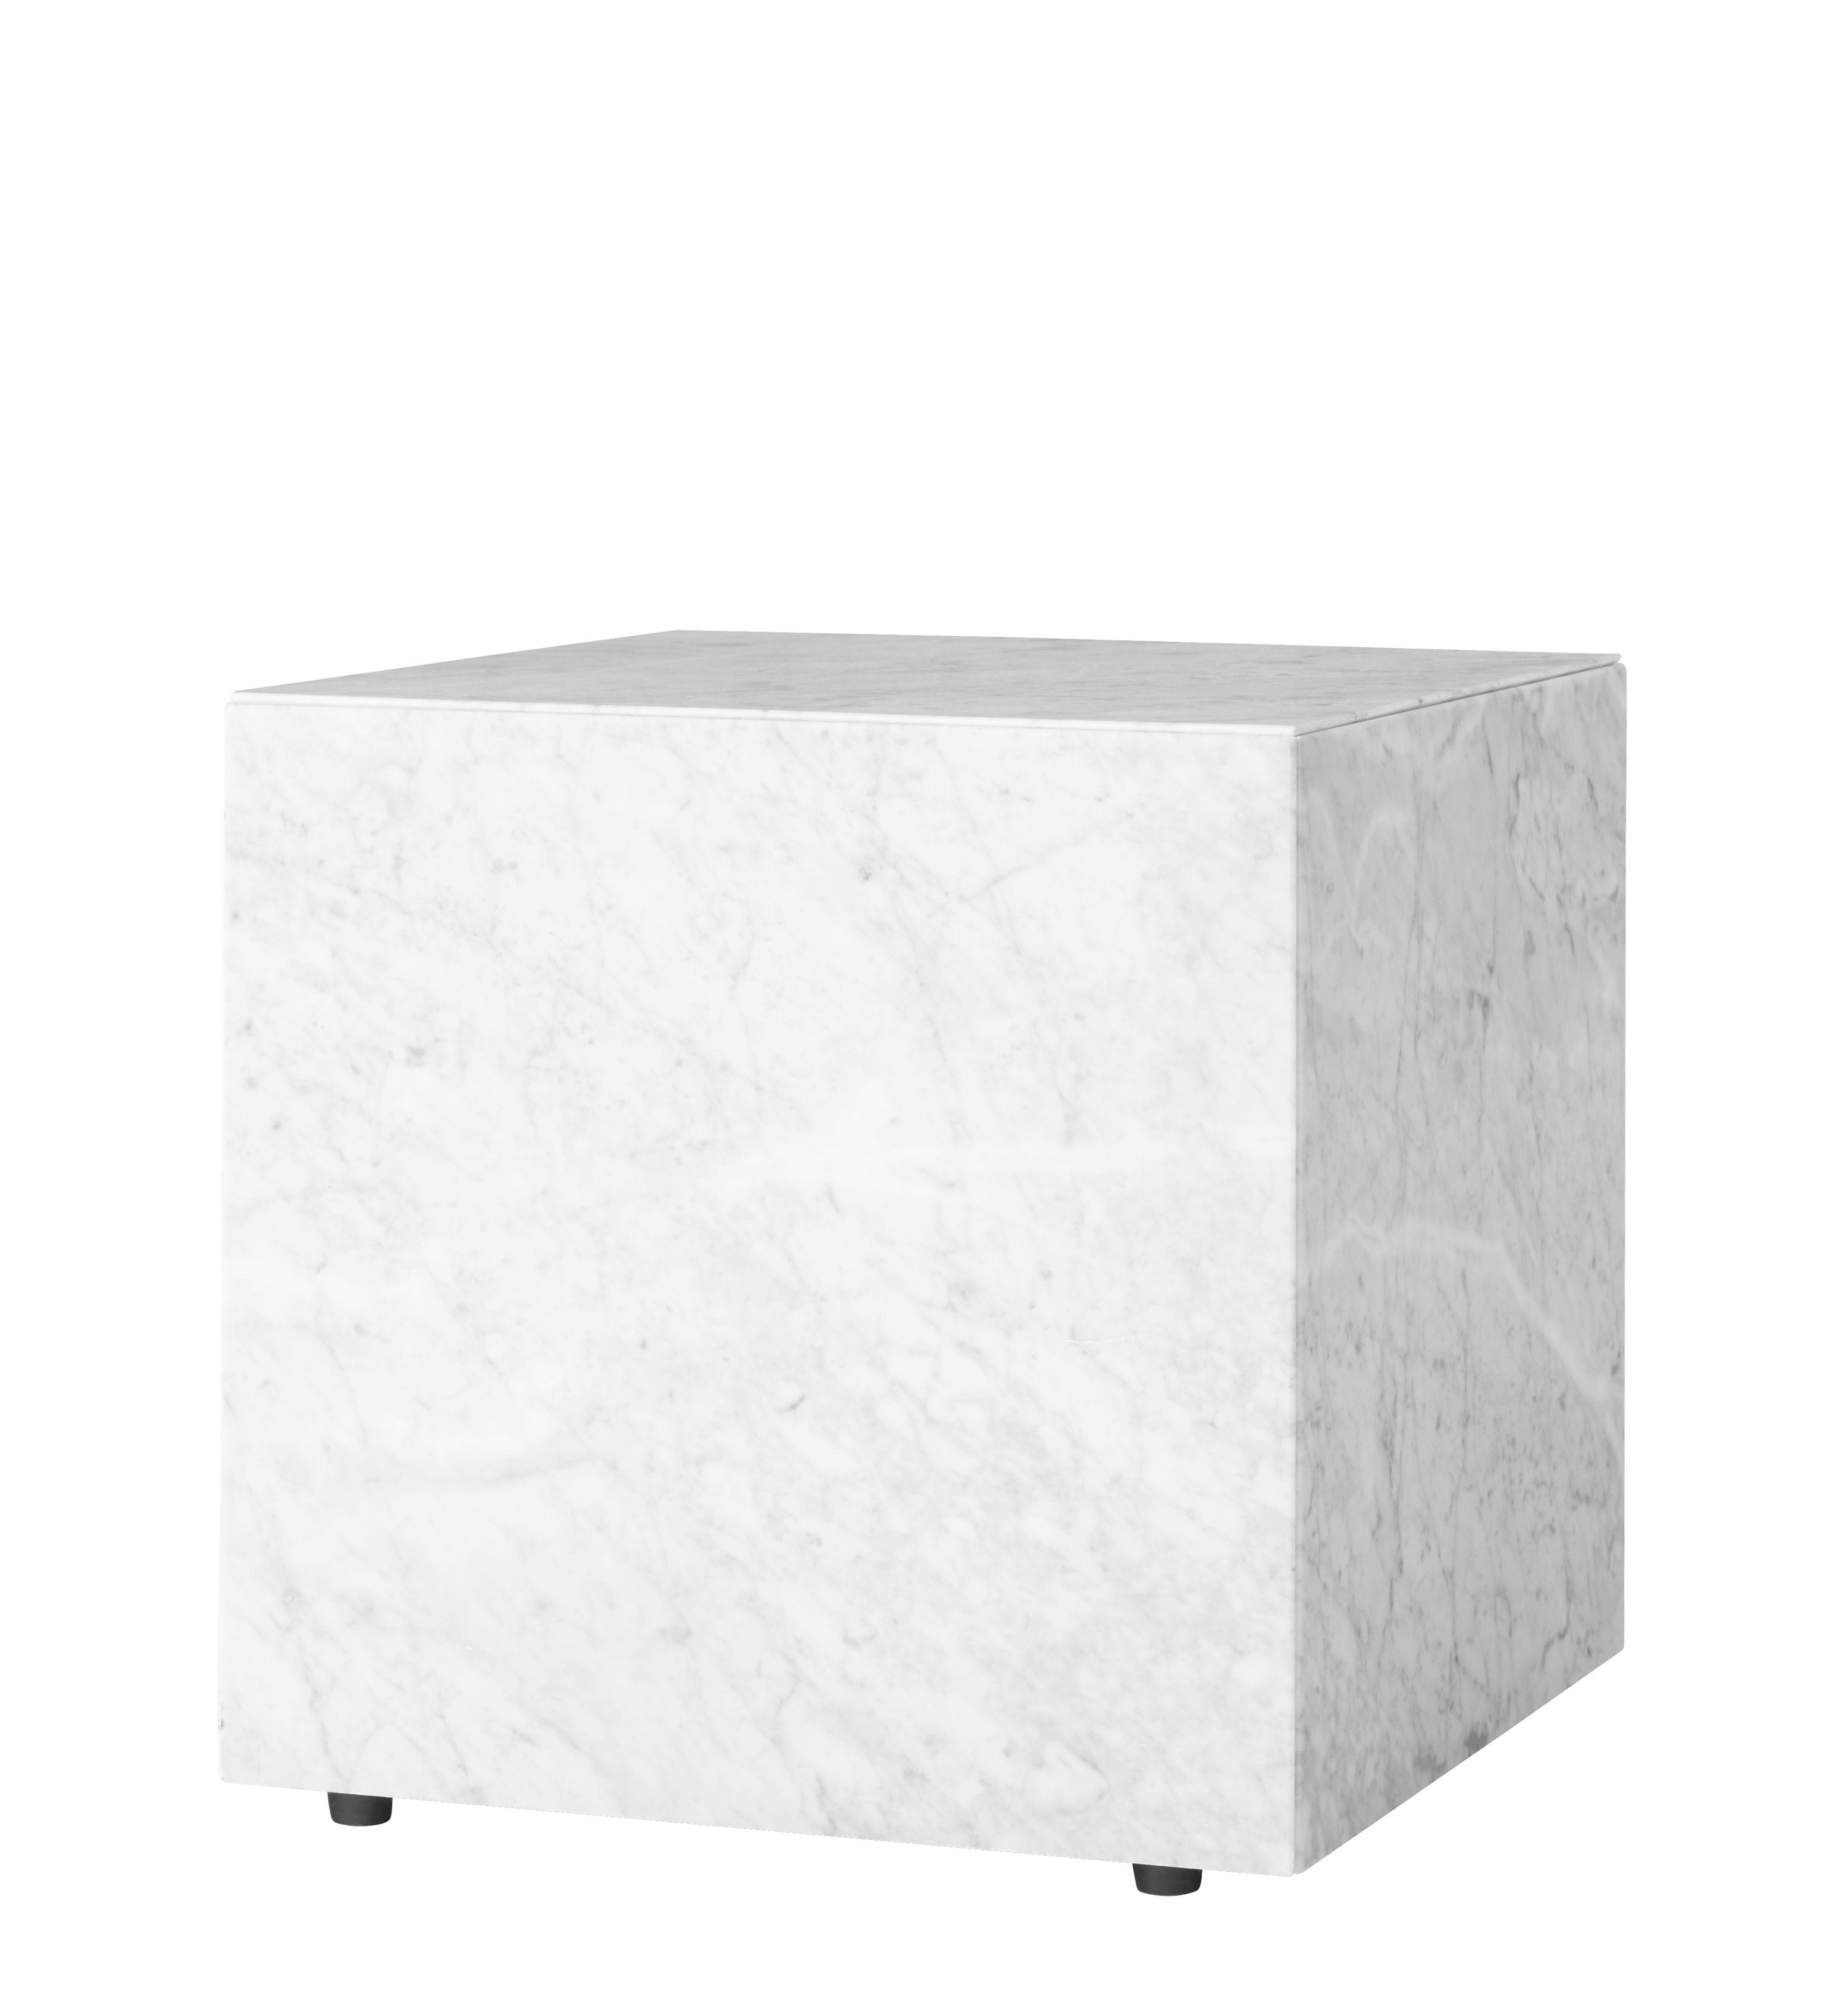 Mobilier - Tables basses - Table d'appoint Plinth Cubic / Marbre - 40 x 40 x H 40 cm - Menu - Blanc - Bois d'acacia, Marbre